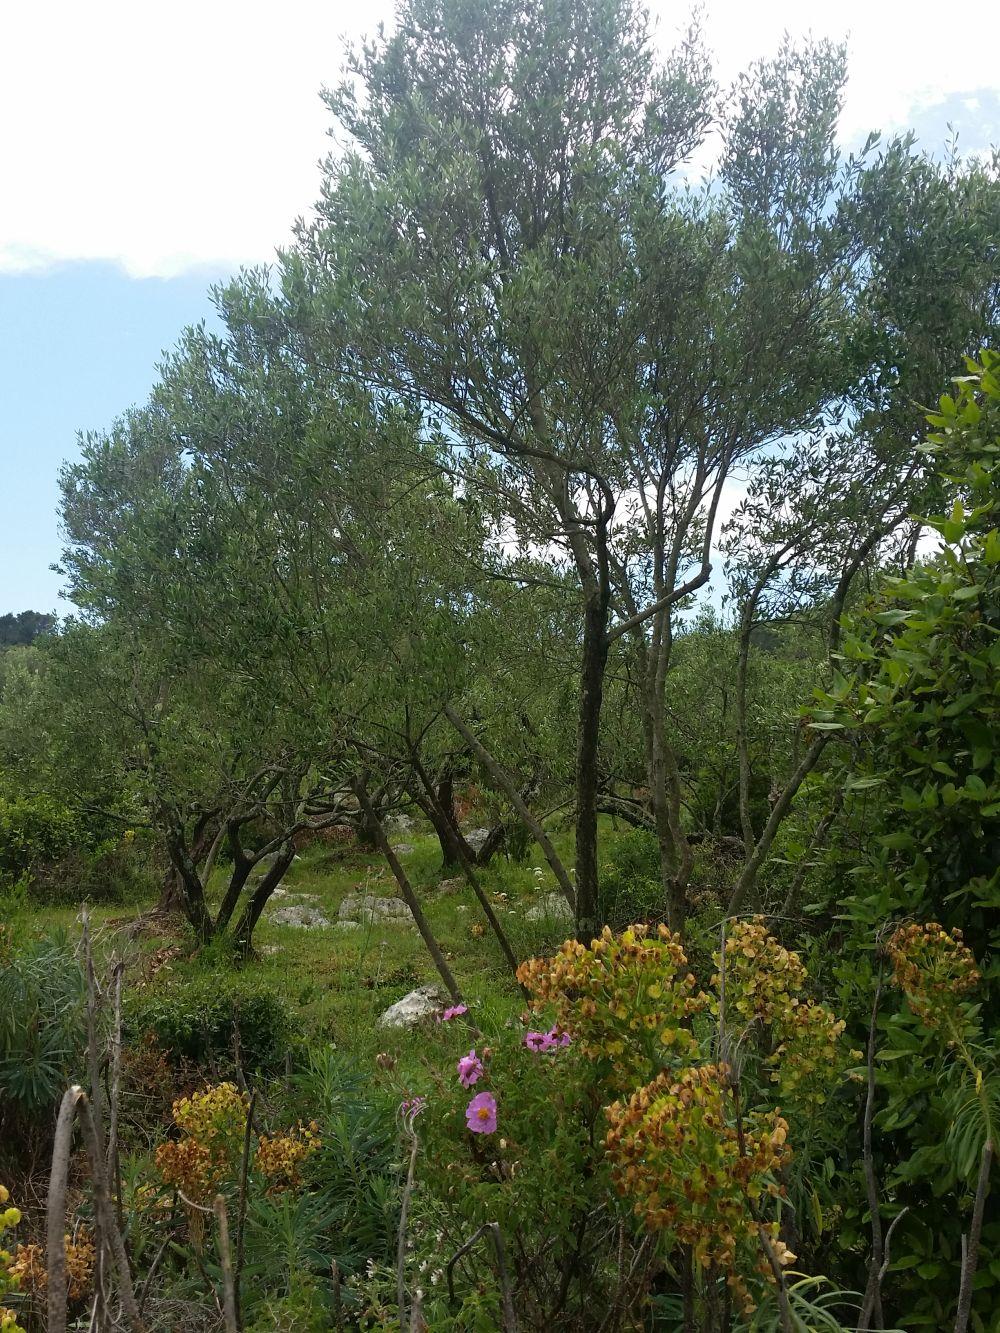 Dafür zu diesem Olivenhain - auch schön.